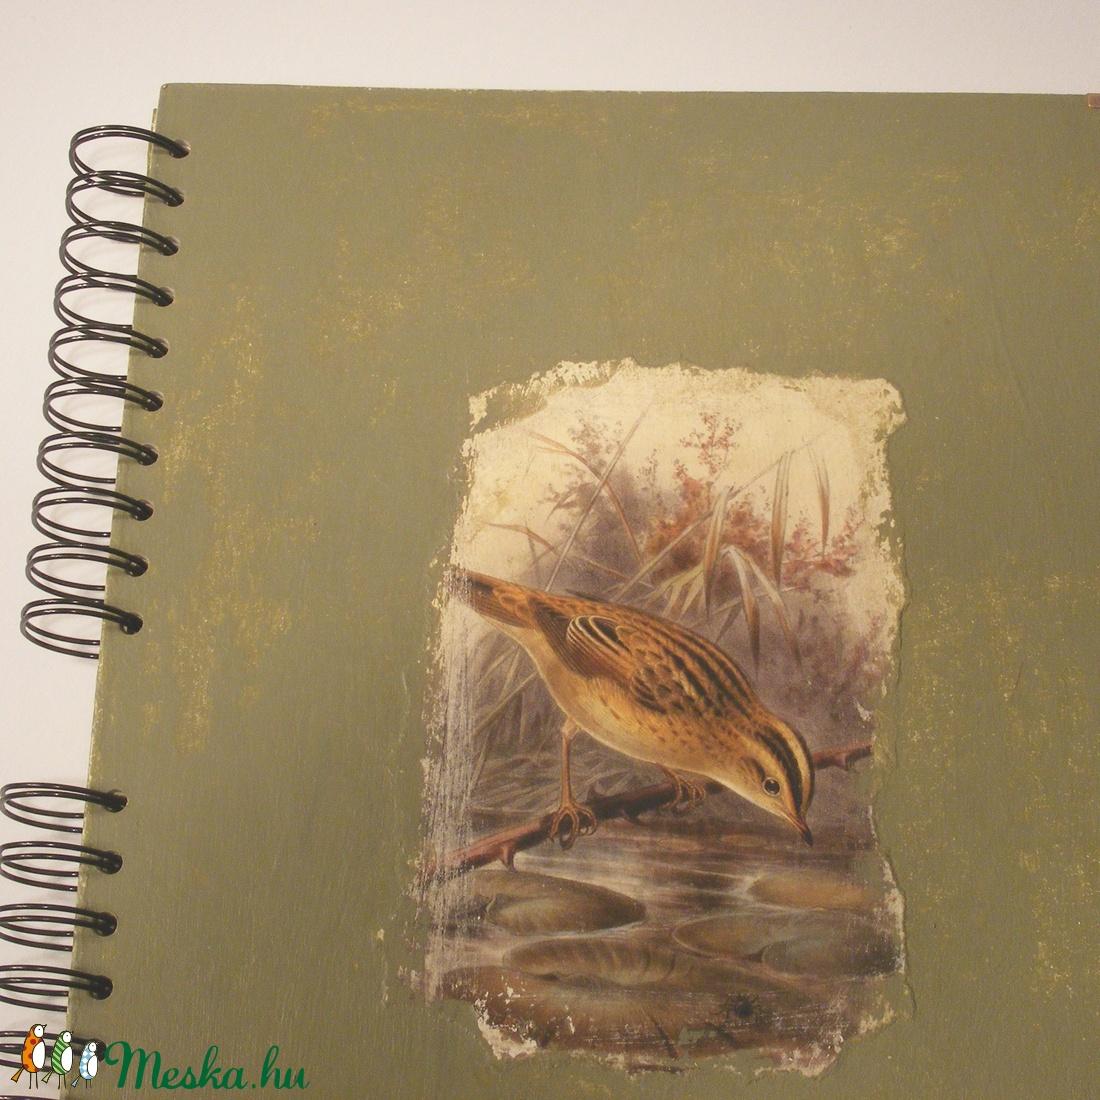 Madaras A4 spirálfüzet koptatott festésű borítóval, spirálozott jegyzetfüzet kismadárral, antikolt festésű sima lapok - otthon & lakás - papír írószer - jegyzetfüzet & napló - Meska.hu